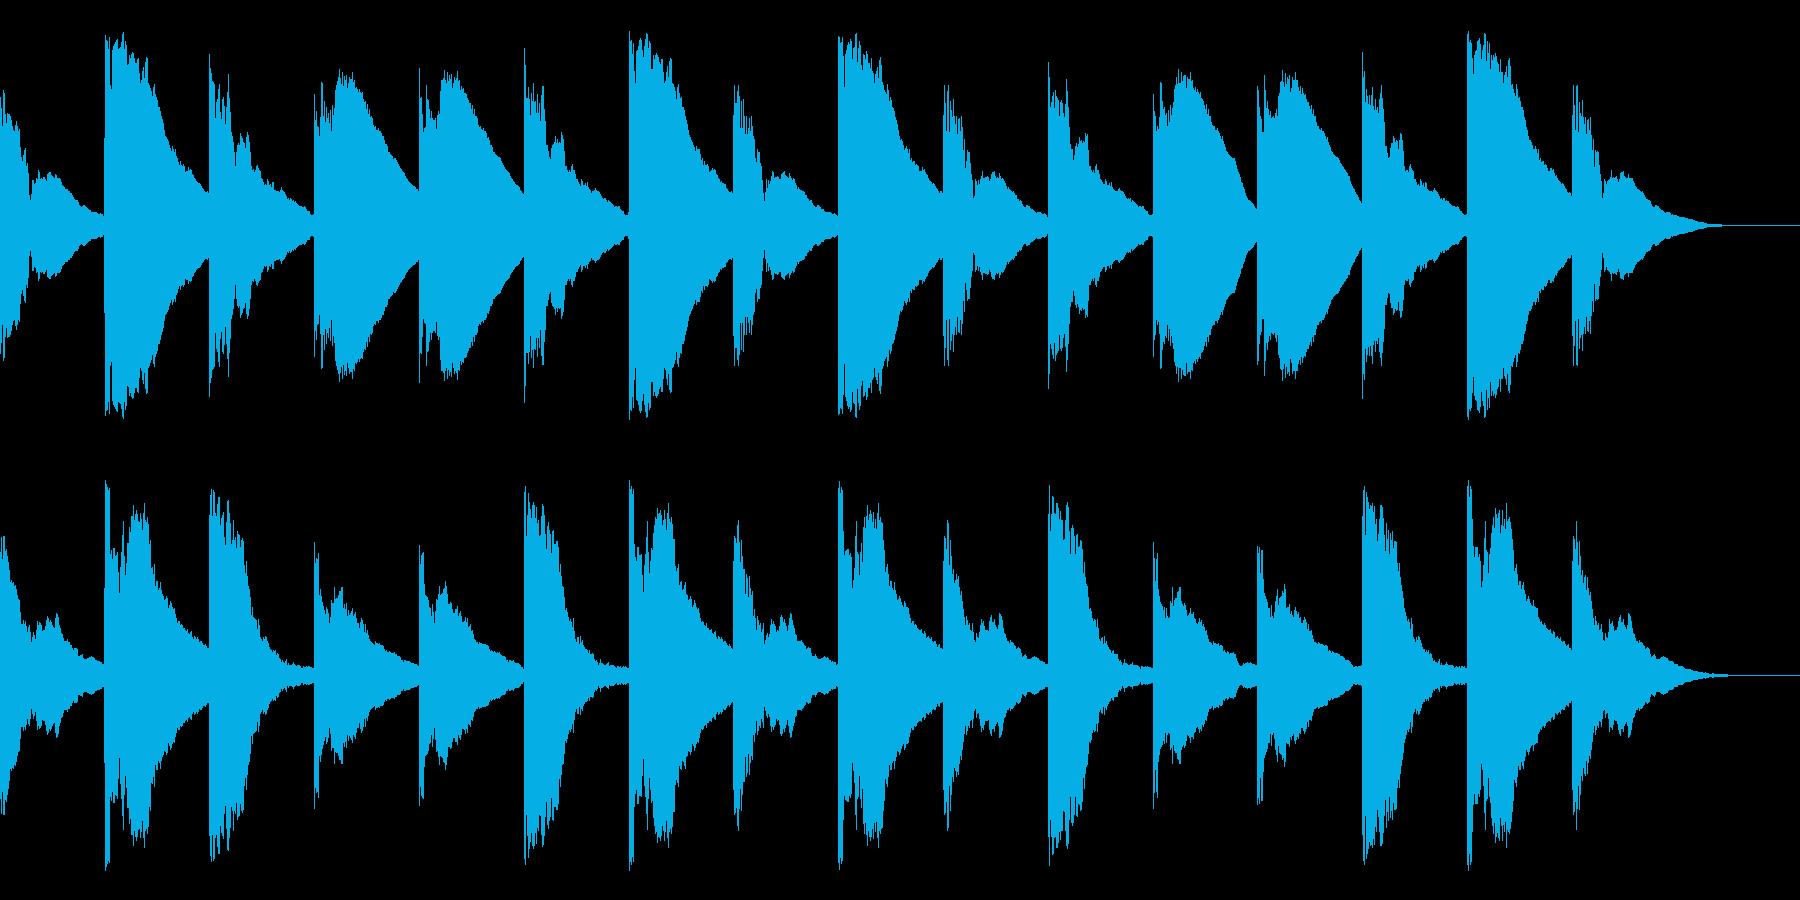 マリンバチャイム(ウエストミンスター)の再生済みの波形